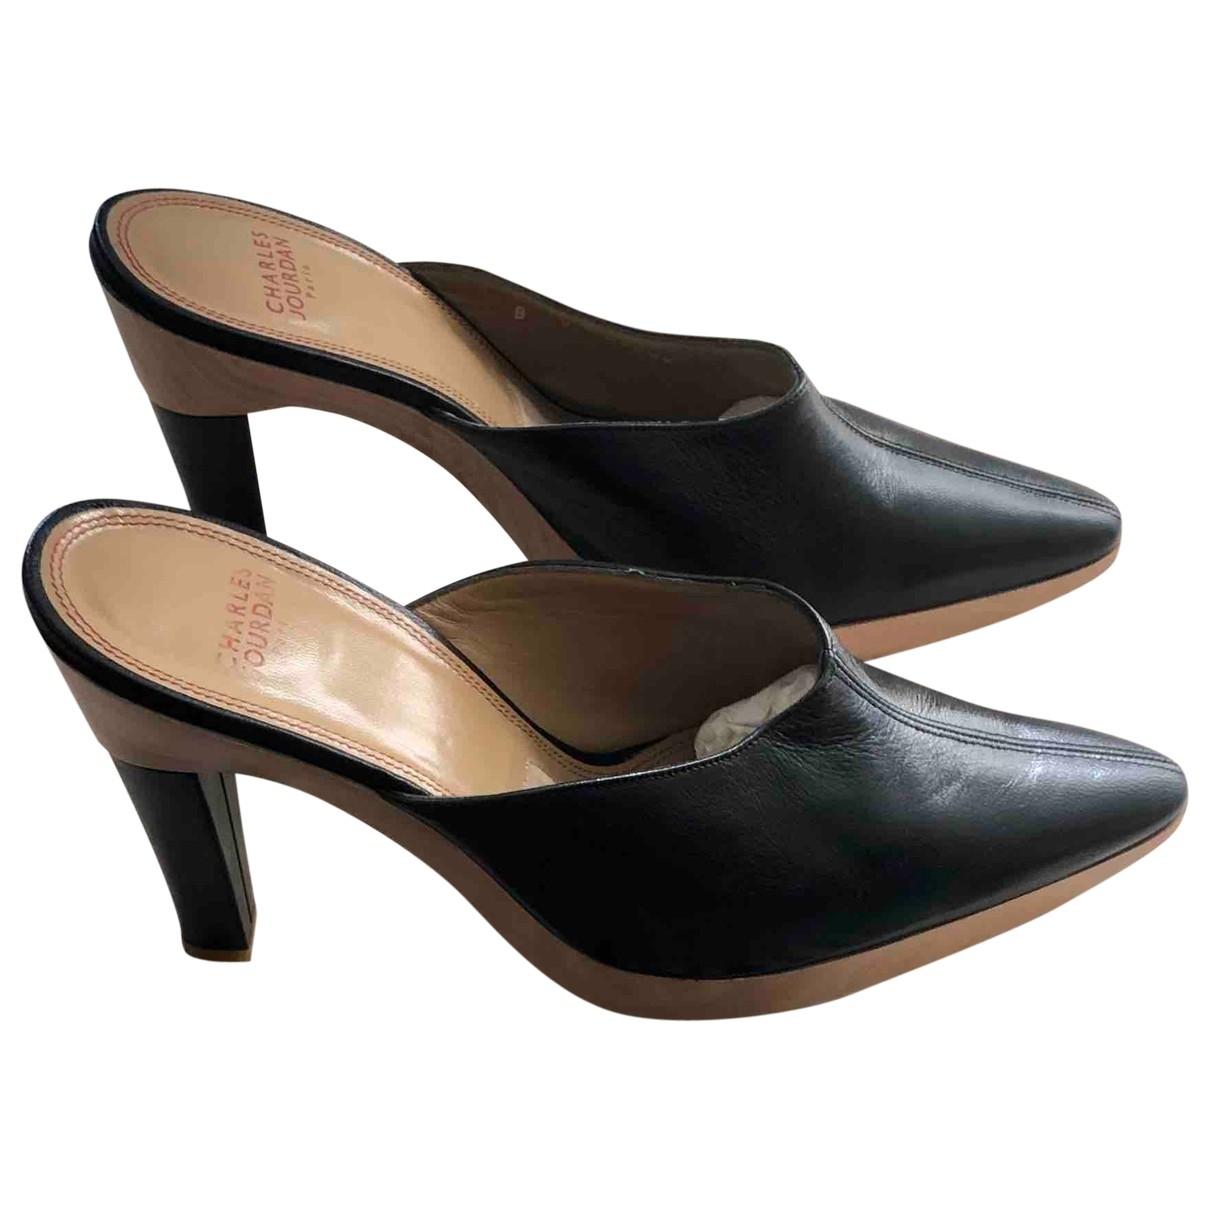 Charles Jourdan - Sabots   pour femme en cuir - noir